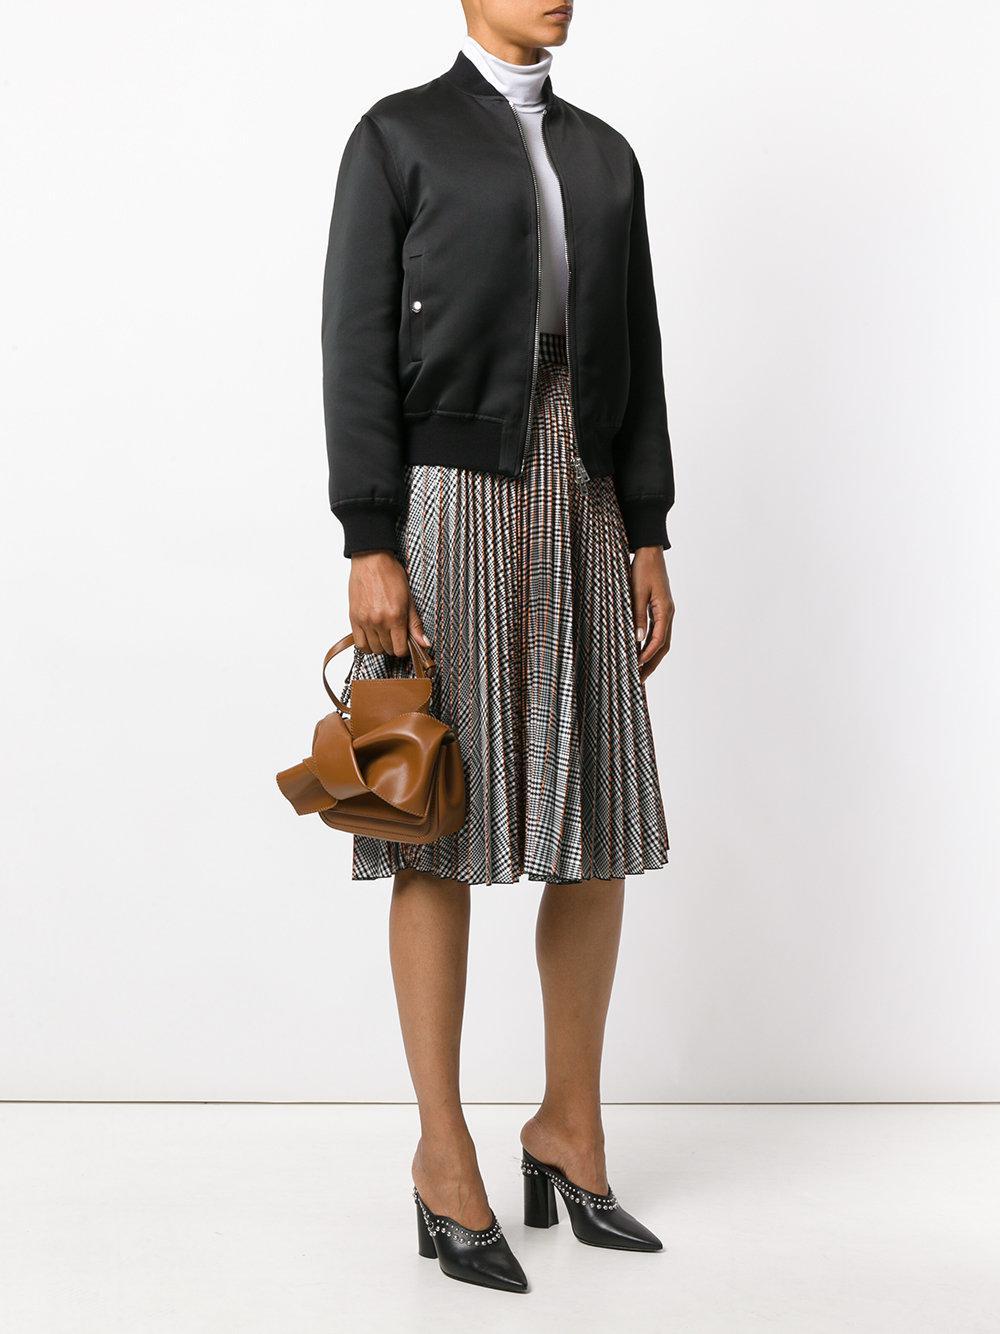 N°21 Leather Twist Crossbody Bag in Brown